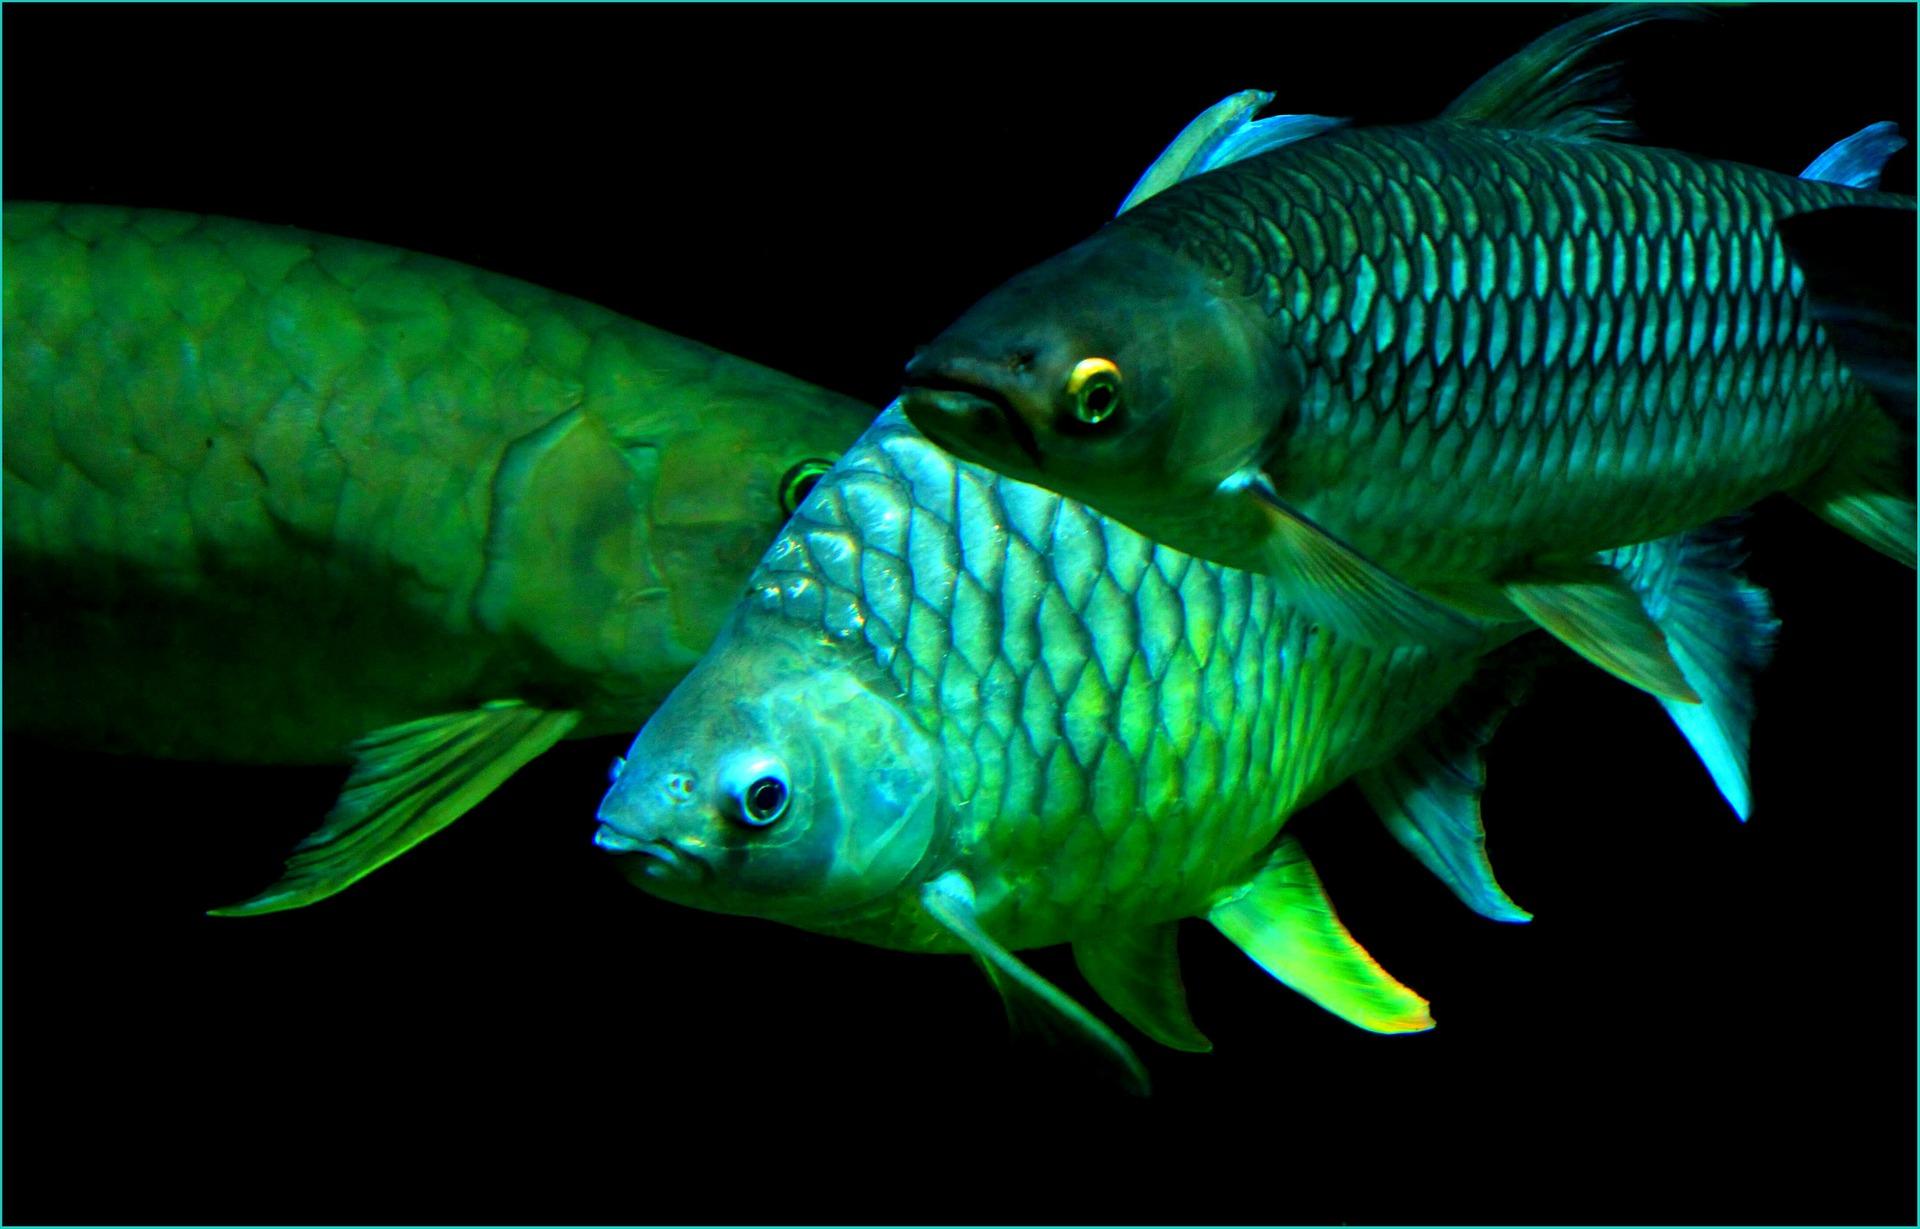 Onlineshop für Aquaristik und Tierbedarf, Halsband gravieren, Hundefutter, Xantara Tierfutter, Aquarium Dekoration, Aquarium